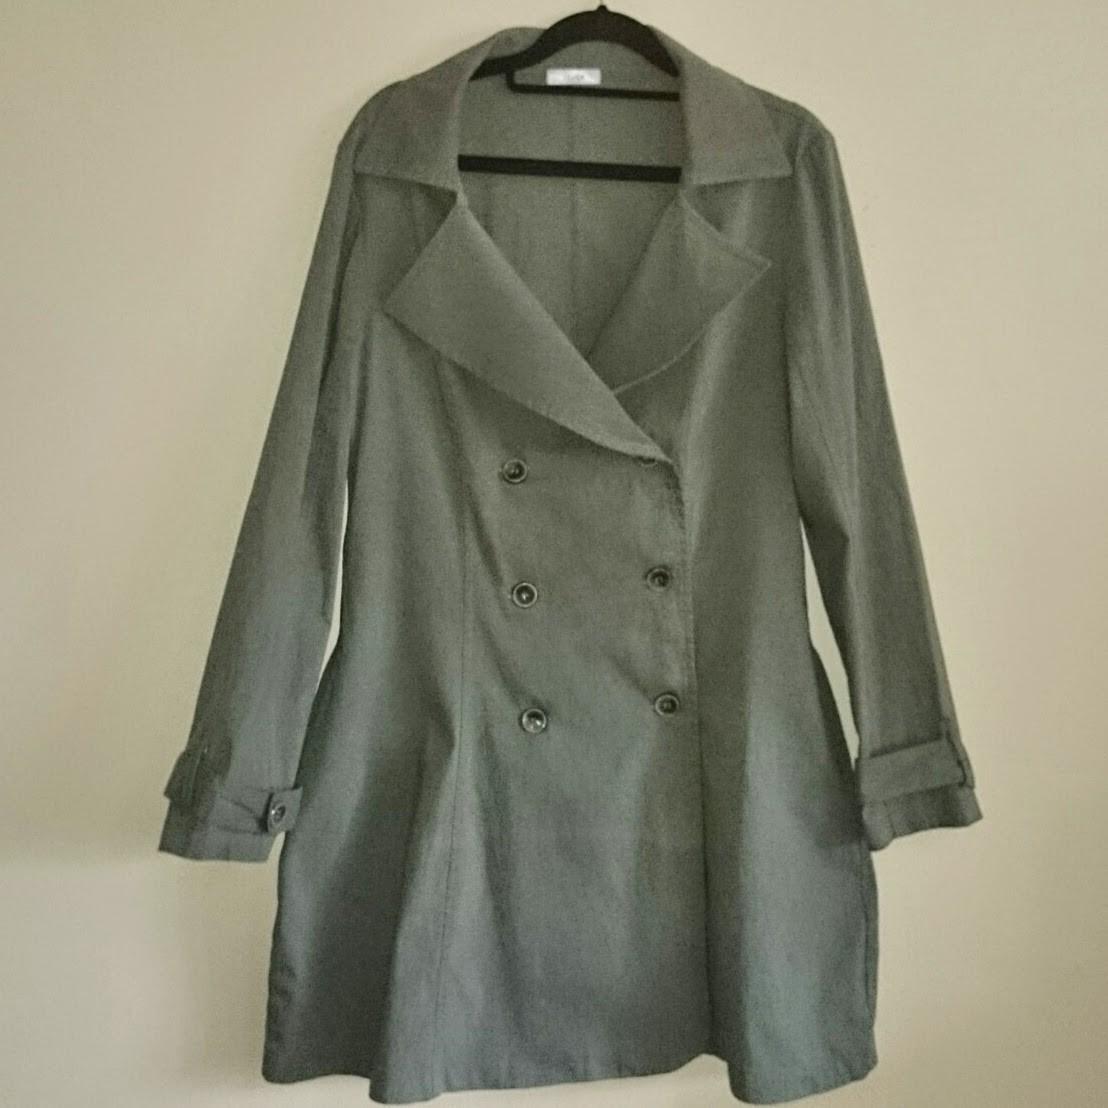 casaco-78-trench-coat-vestido-acinturado-com-botoes-4042 Patchoulee